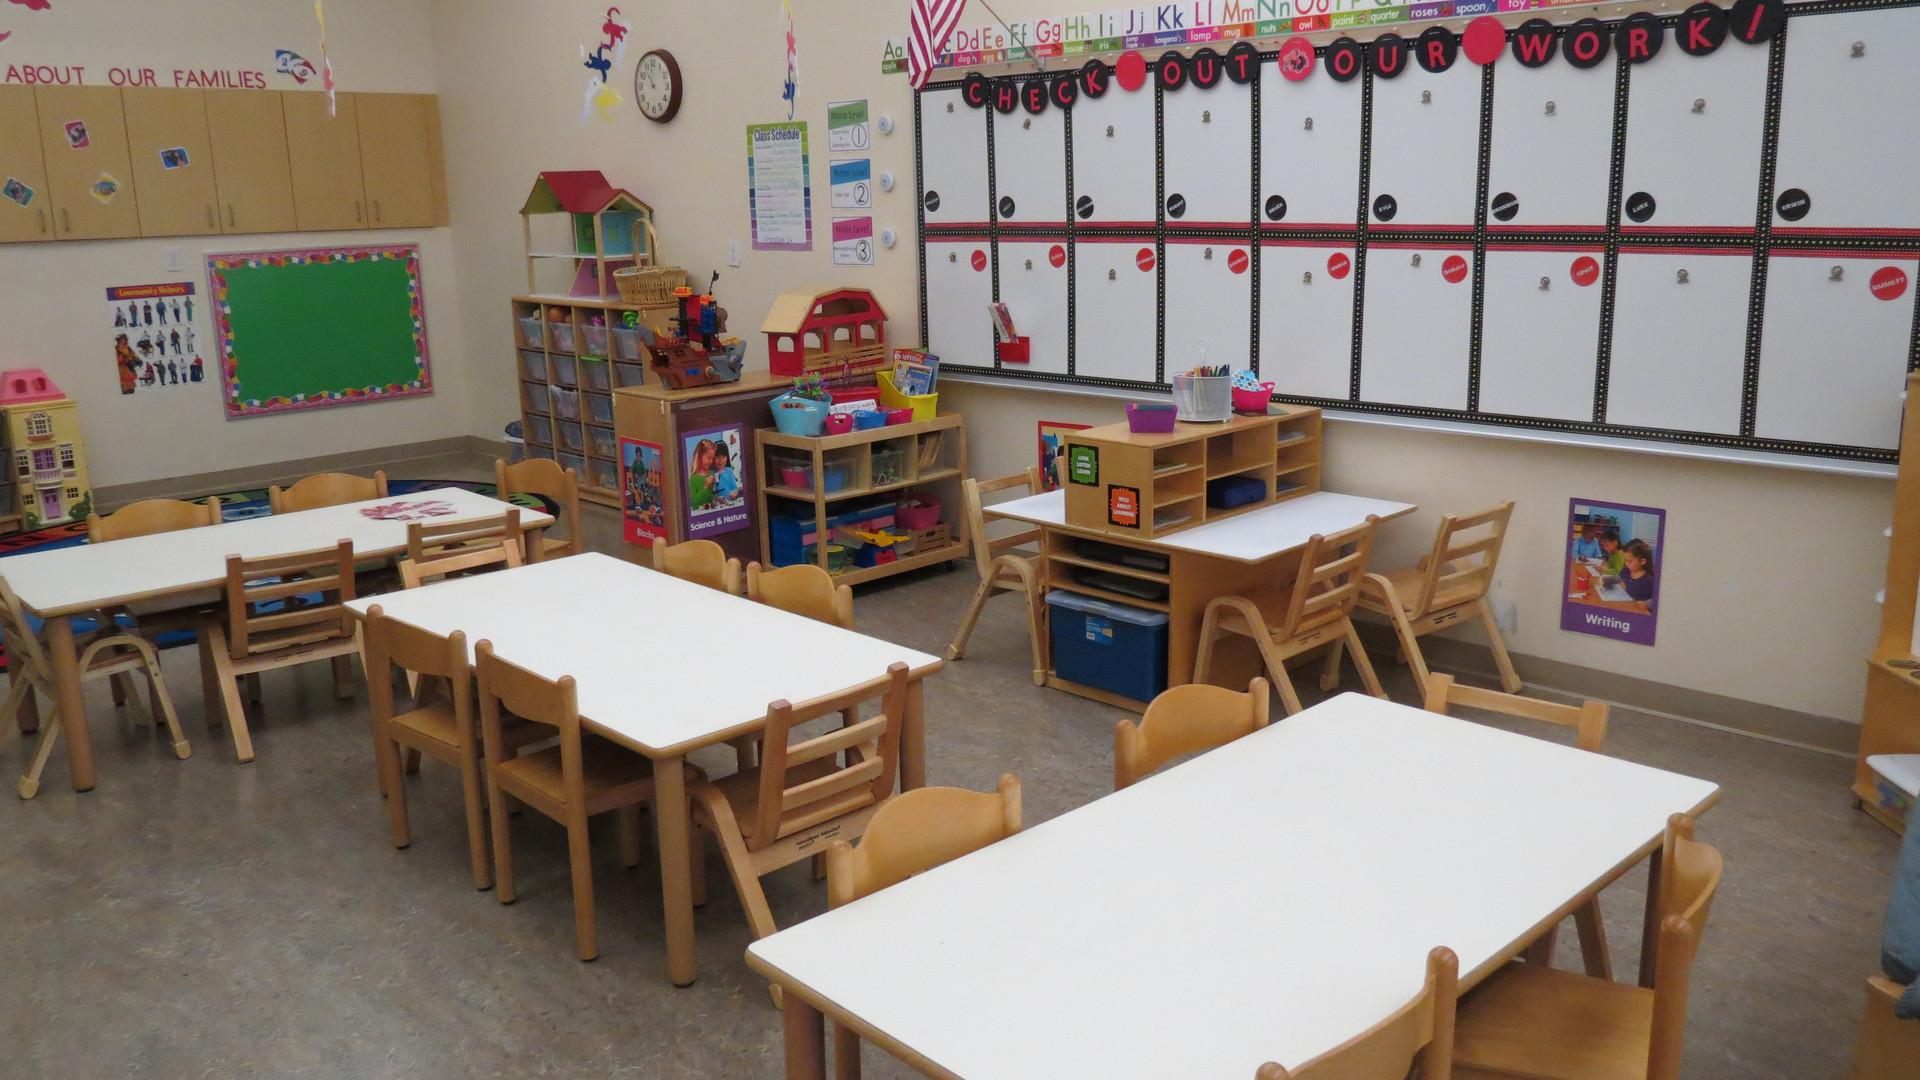 Preschool2Room_4.jpg